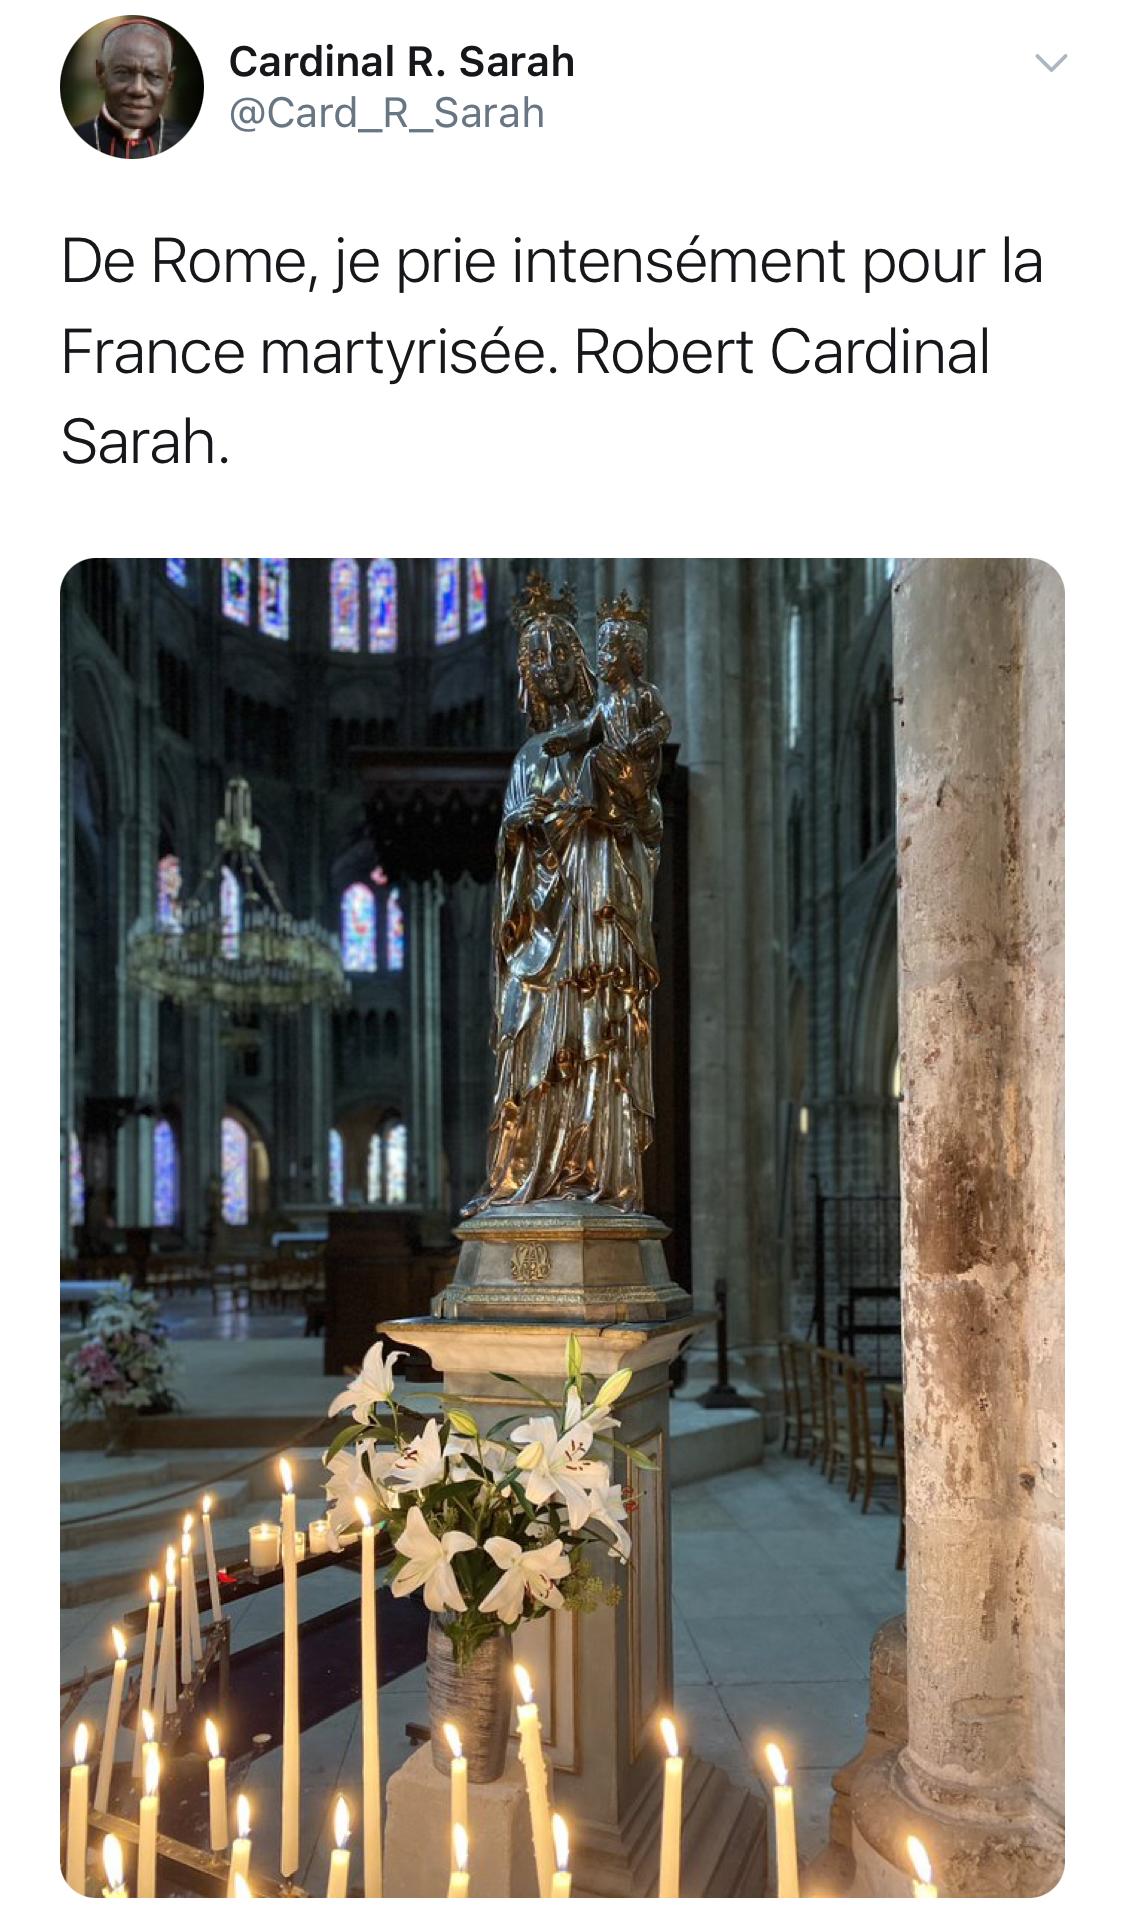 Acte terroriste à Eragny: le cardinal Sarah prie pour la France «martyrisée»